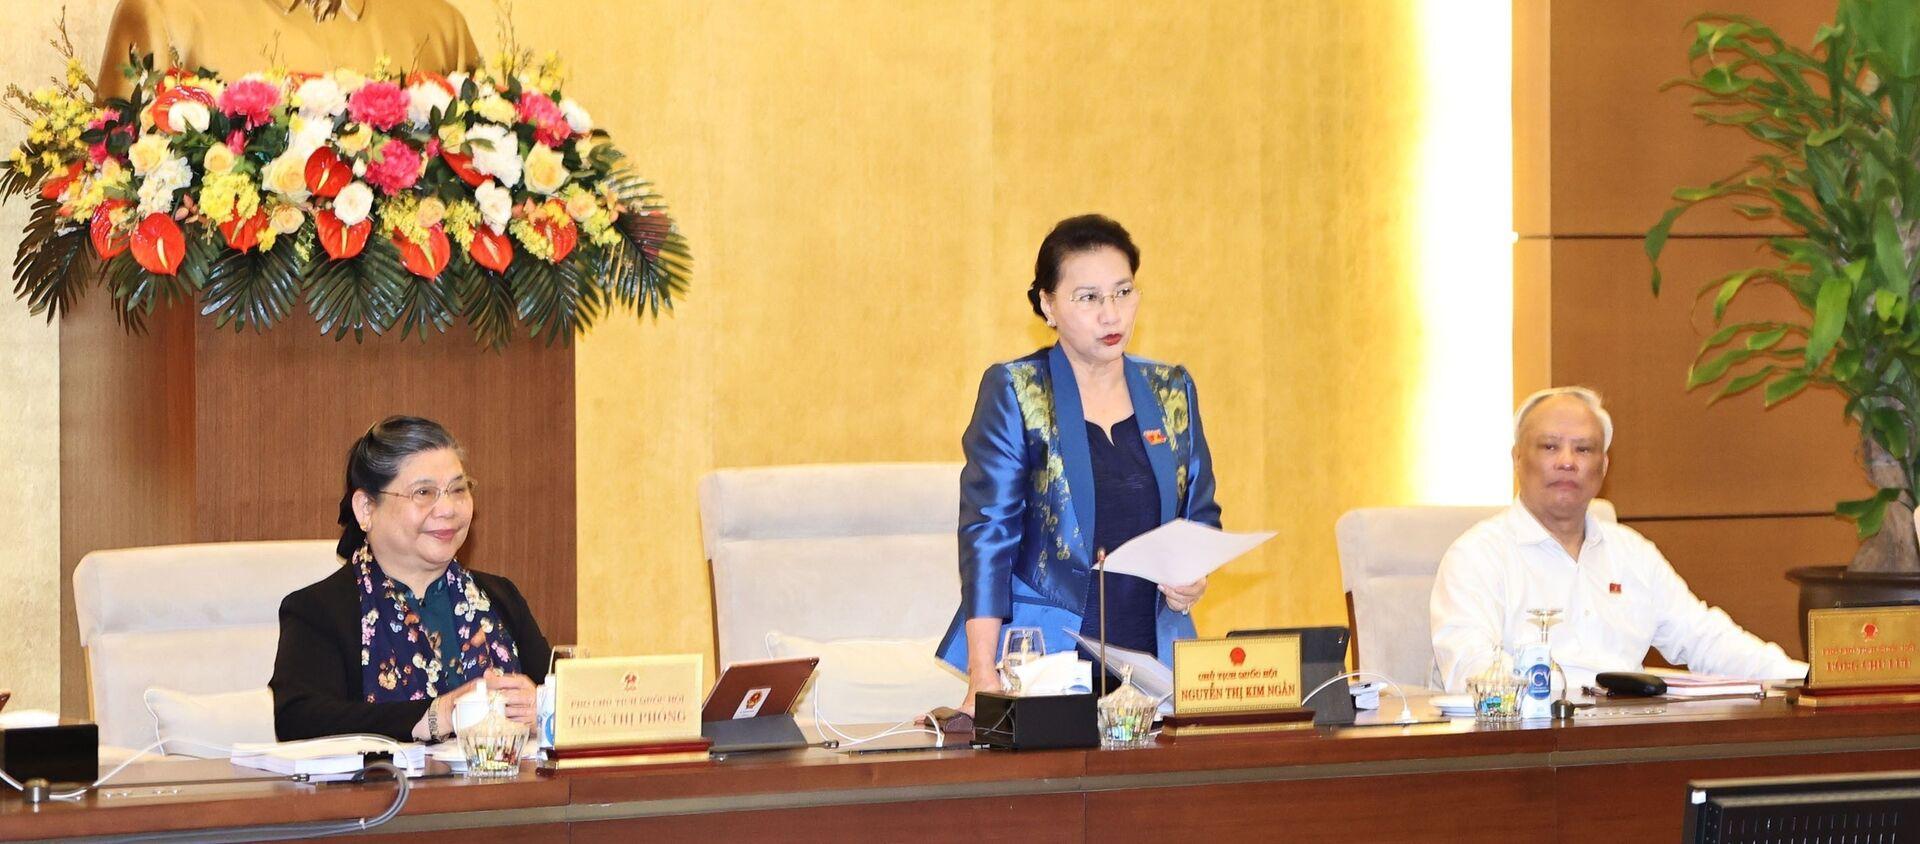 Chủ tịch Quốc hội Nguyễn Thị Kim Ngân phát biểu khai mạc. - Sputnik Việt Nam, 1920, 15.03.2021